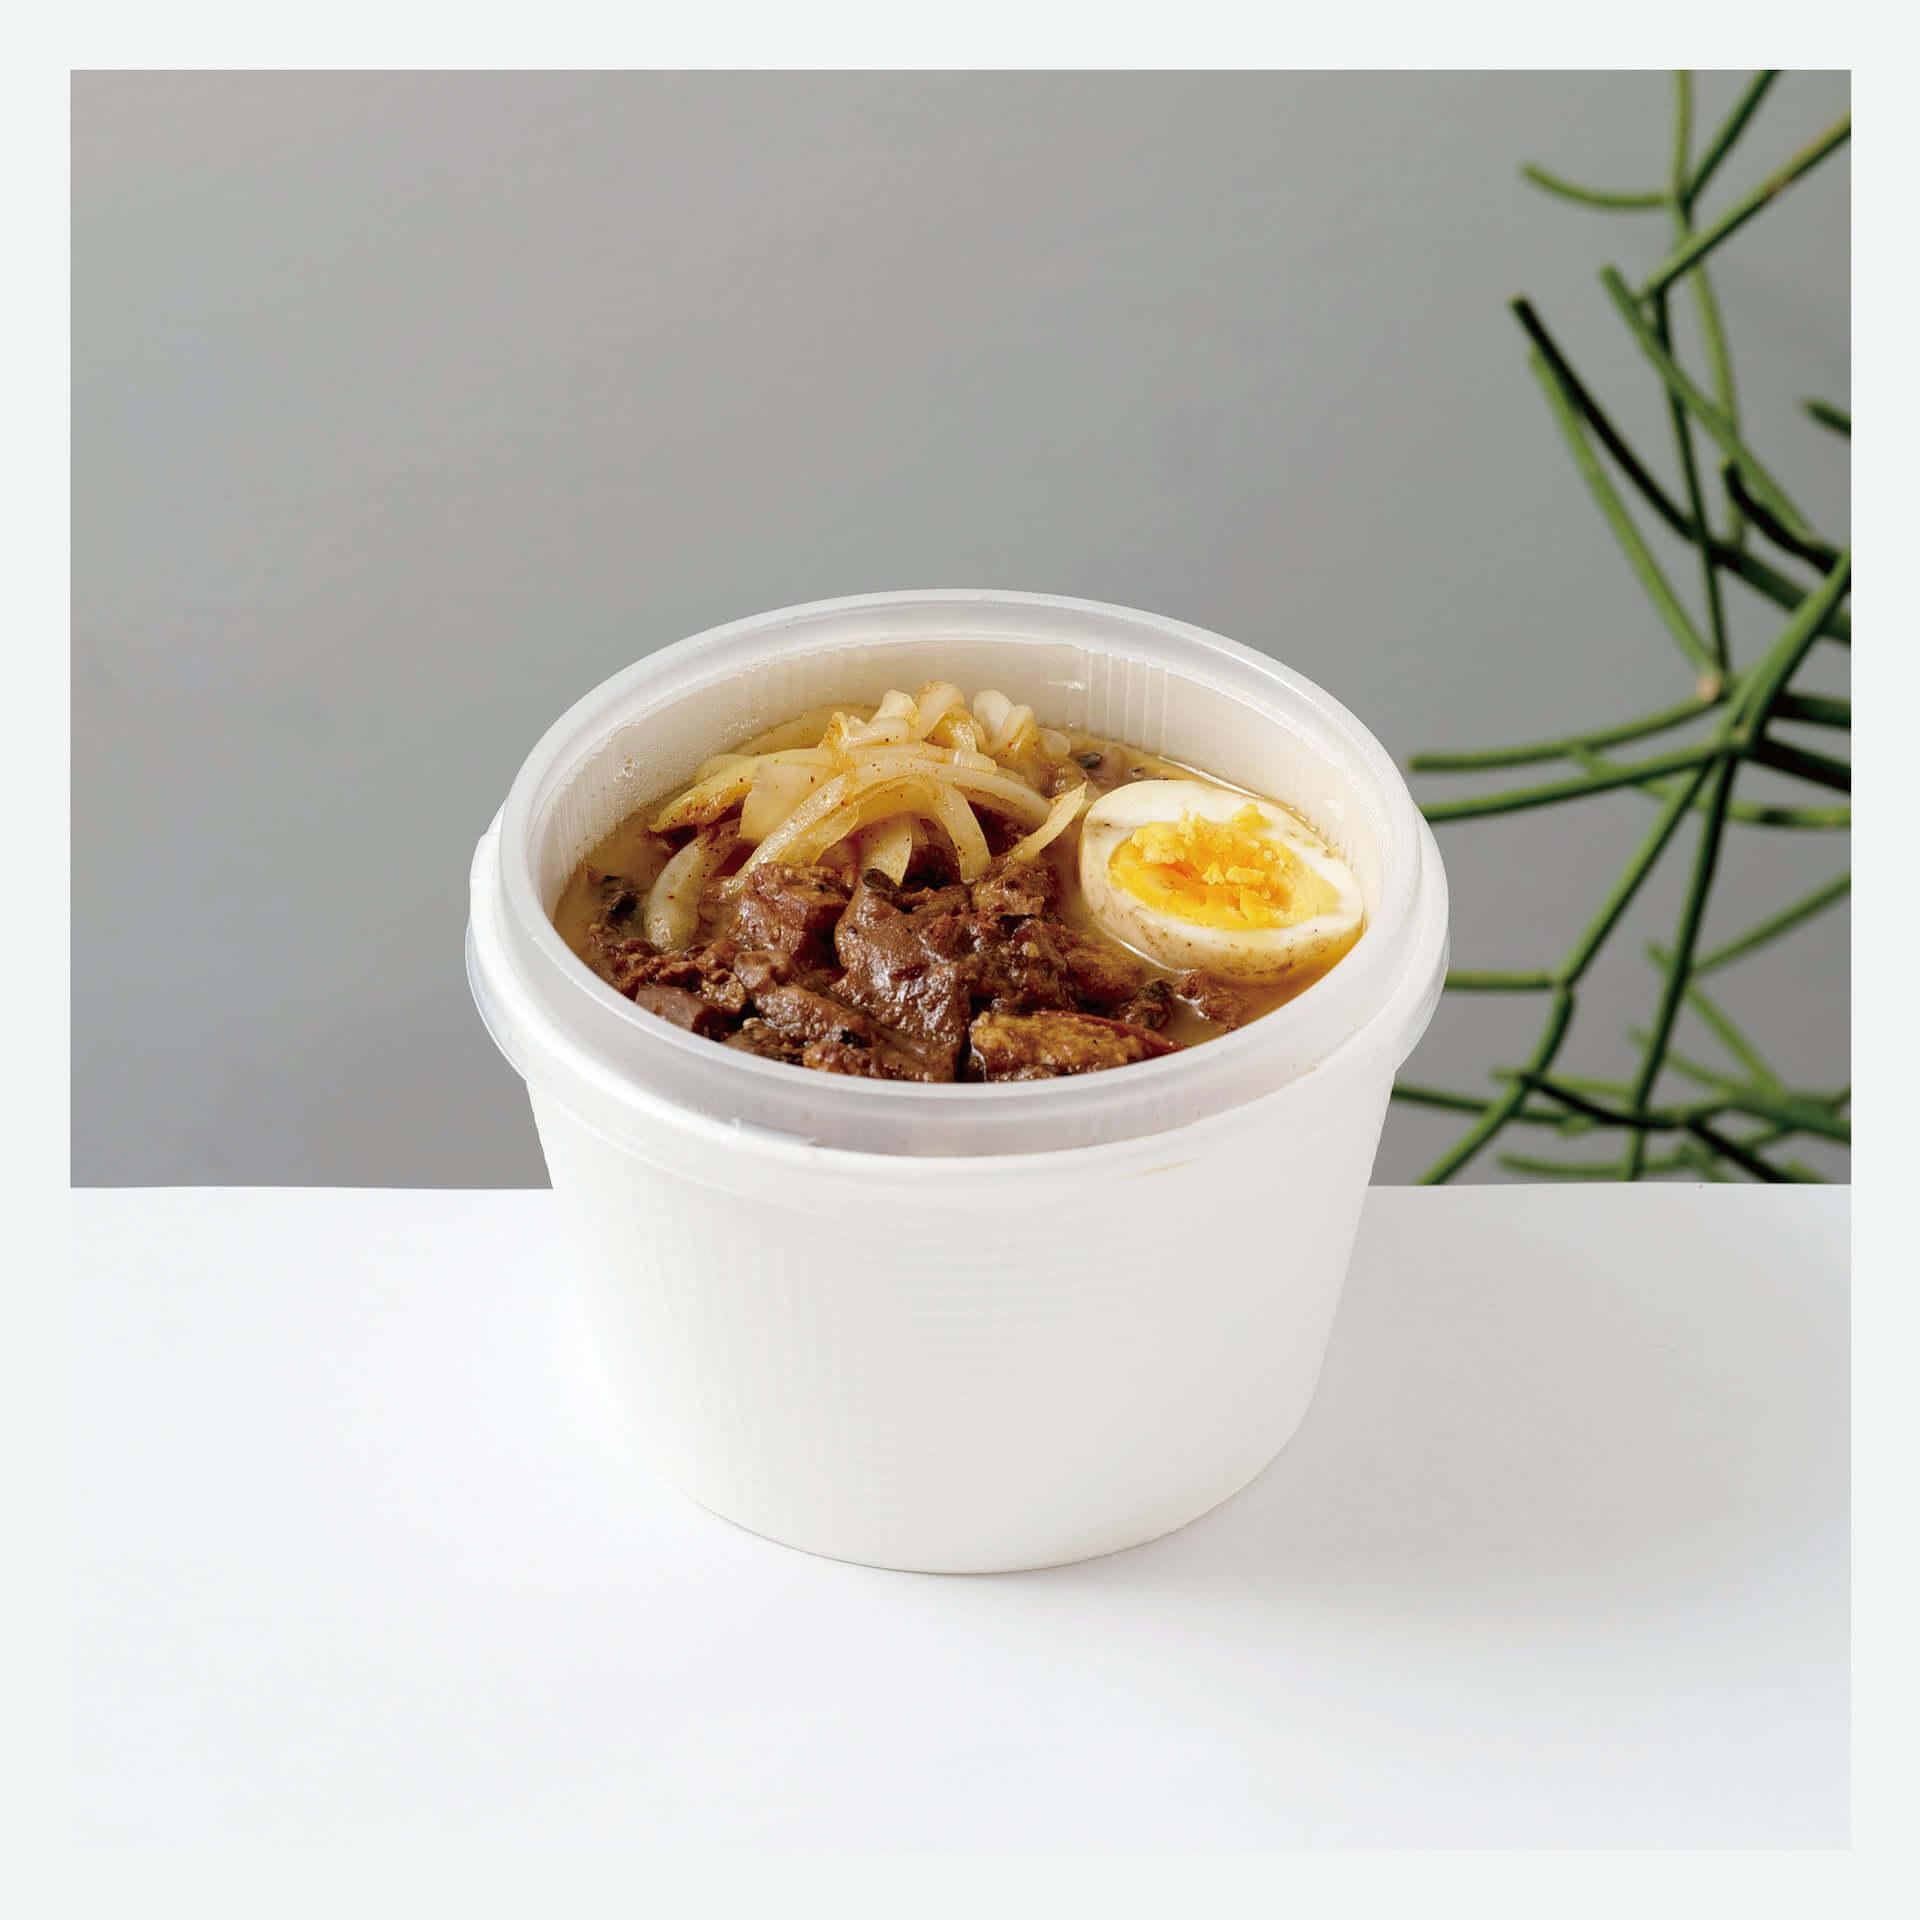 松㟢翔平のオリジナルレシピによる『小黑滷肉飯』が渋谷PELLS coffee&barにて販売開始!「味覚で台湾を感じていただけたら」 gourmet201005_matuzakishohei-luroufan_5-1920x1920